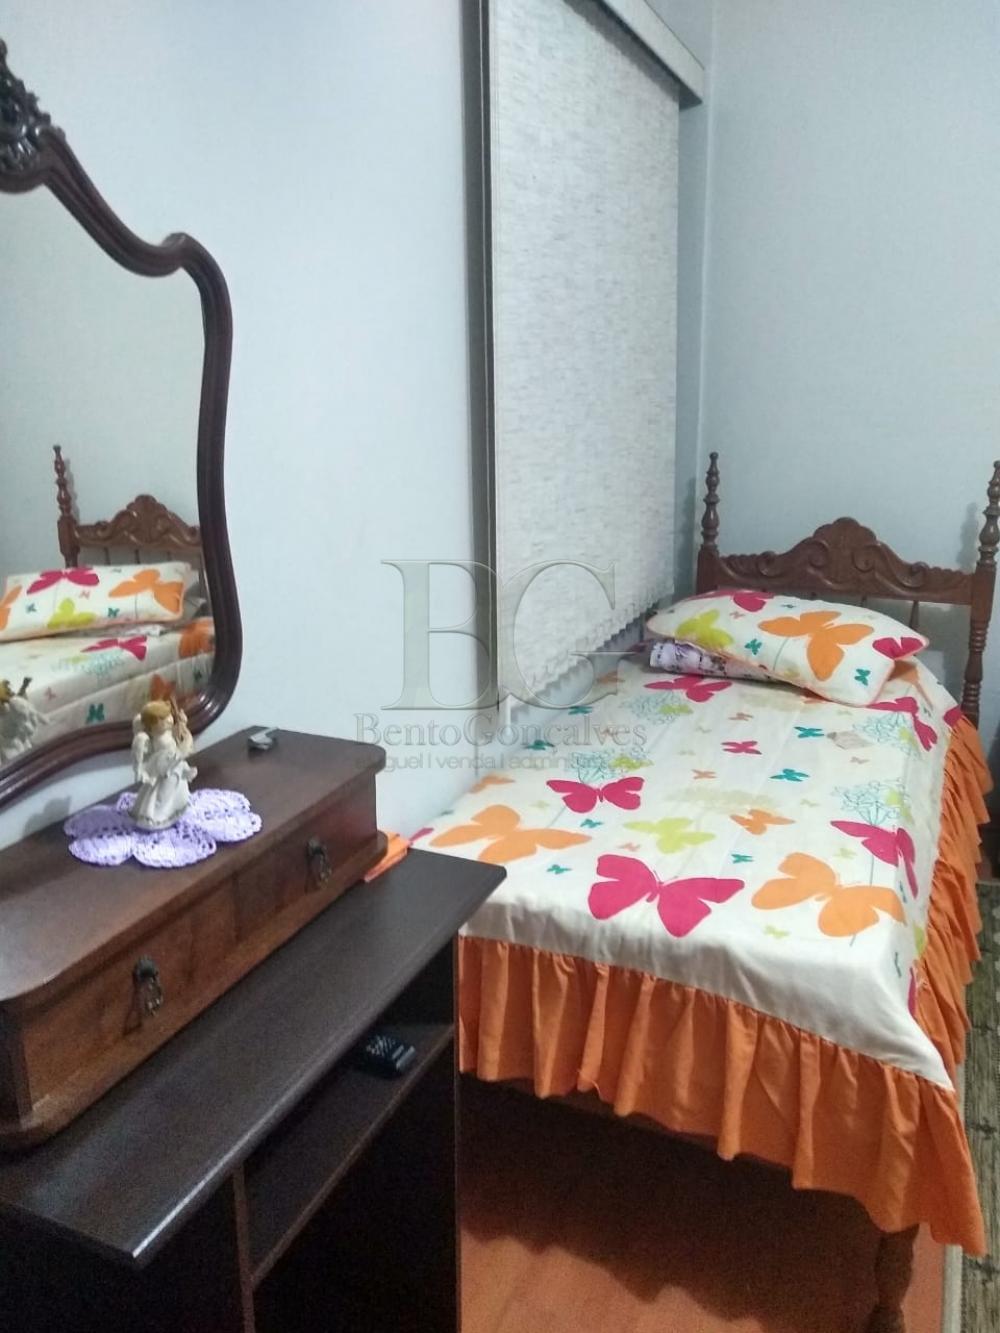 Comprar Apartamentos / Predio comercial e Residencial em Poços de Caldas apenas R$ 400.000,00 - Foto 10